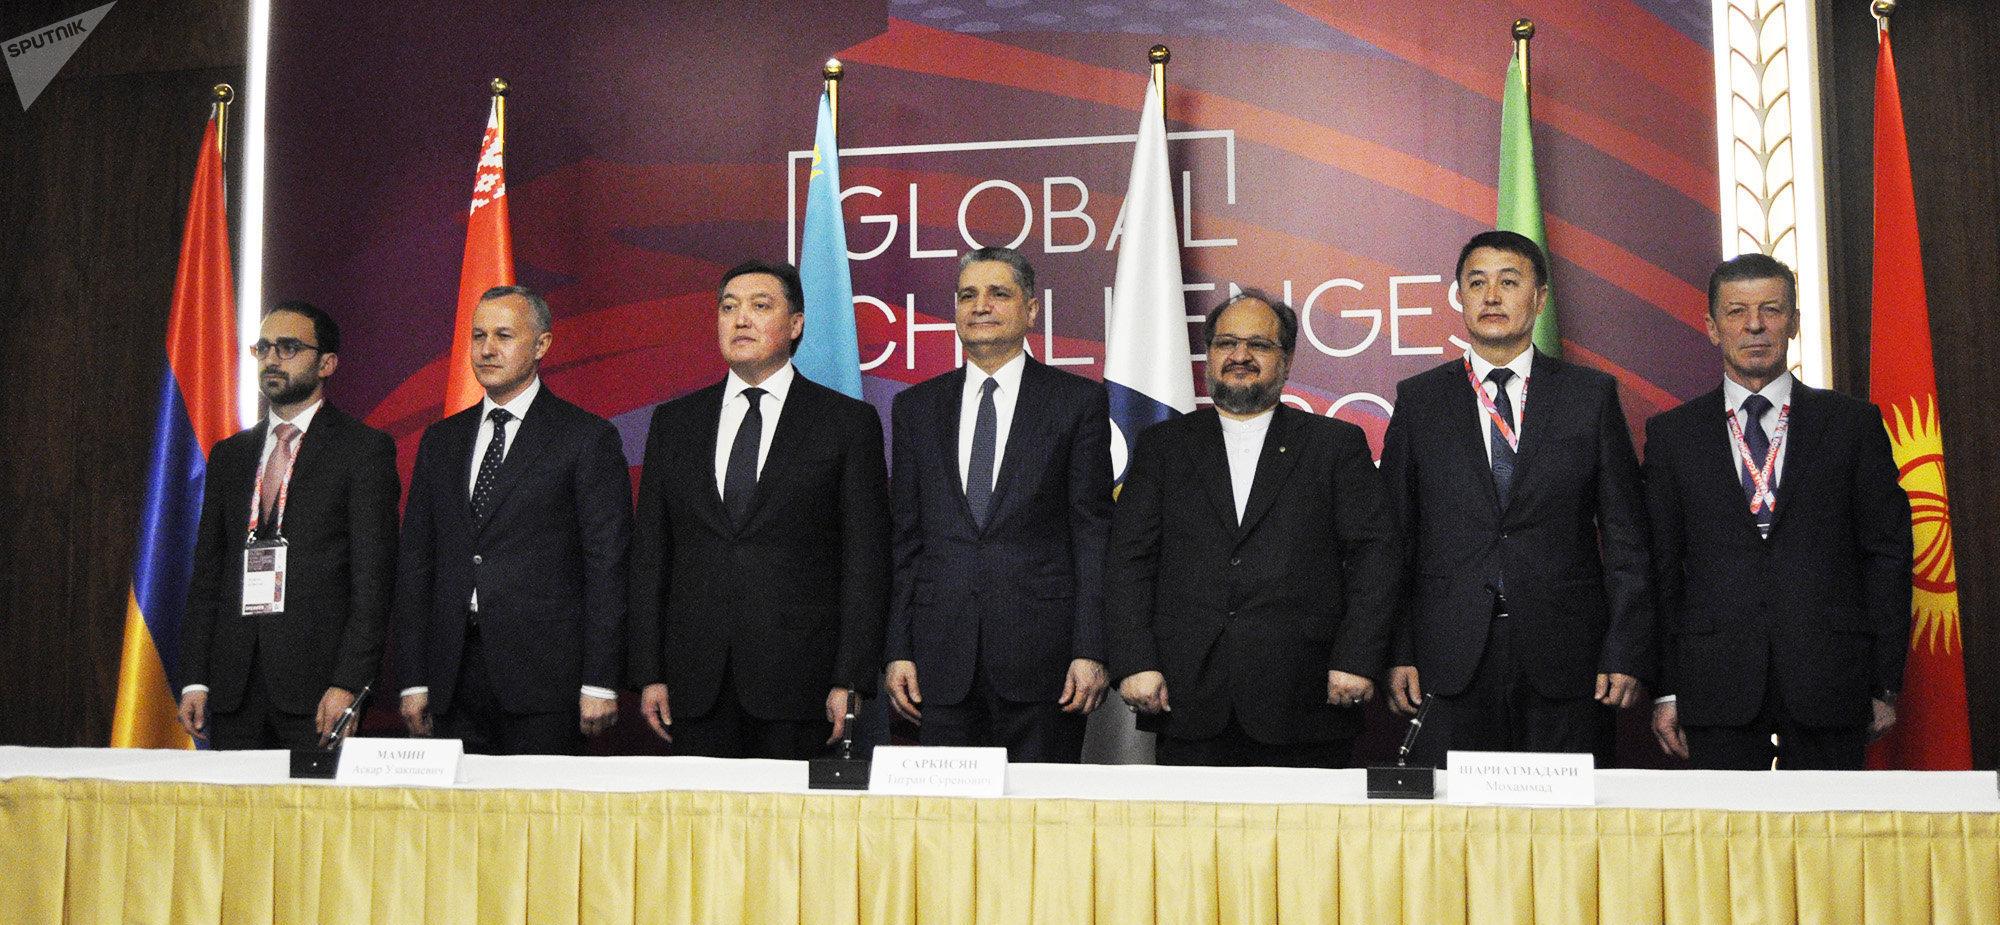 Участники церемонии подписания временного соглашения о создании зоны свободной торговли между Евразийским экономическим союзом и Ираном